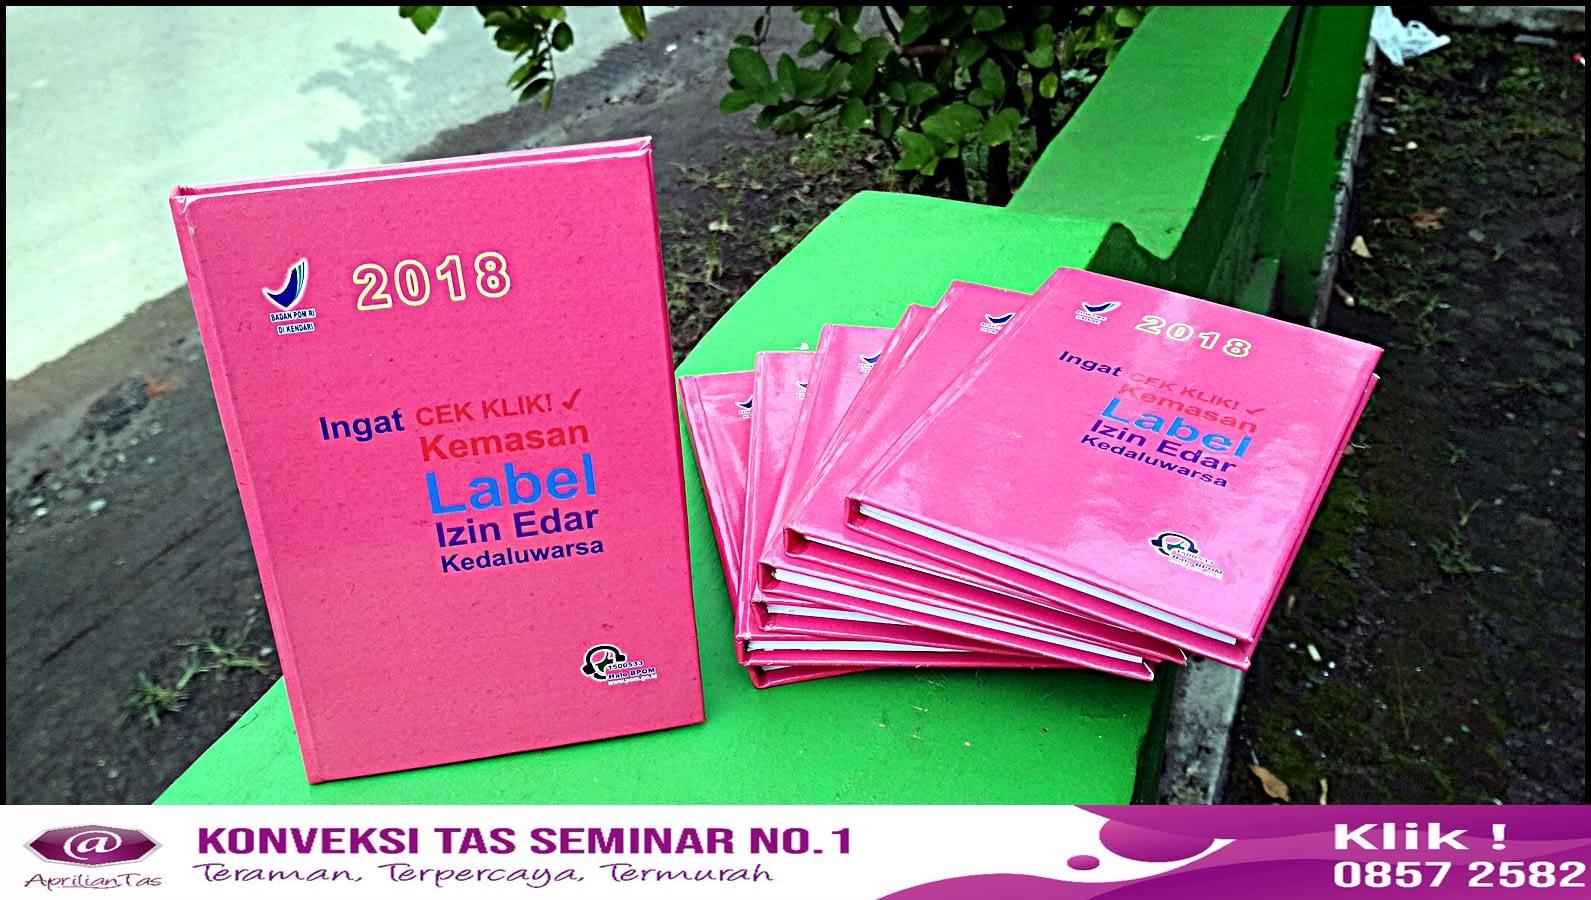 Tas Pelatihan Murah Model Ransel Slempang Jinjing Motif Batik di Pabrik Tas Bandung Tas cas seminar 2018,tas cas seminar,cetak tas seminar murah,tas seminar desain,